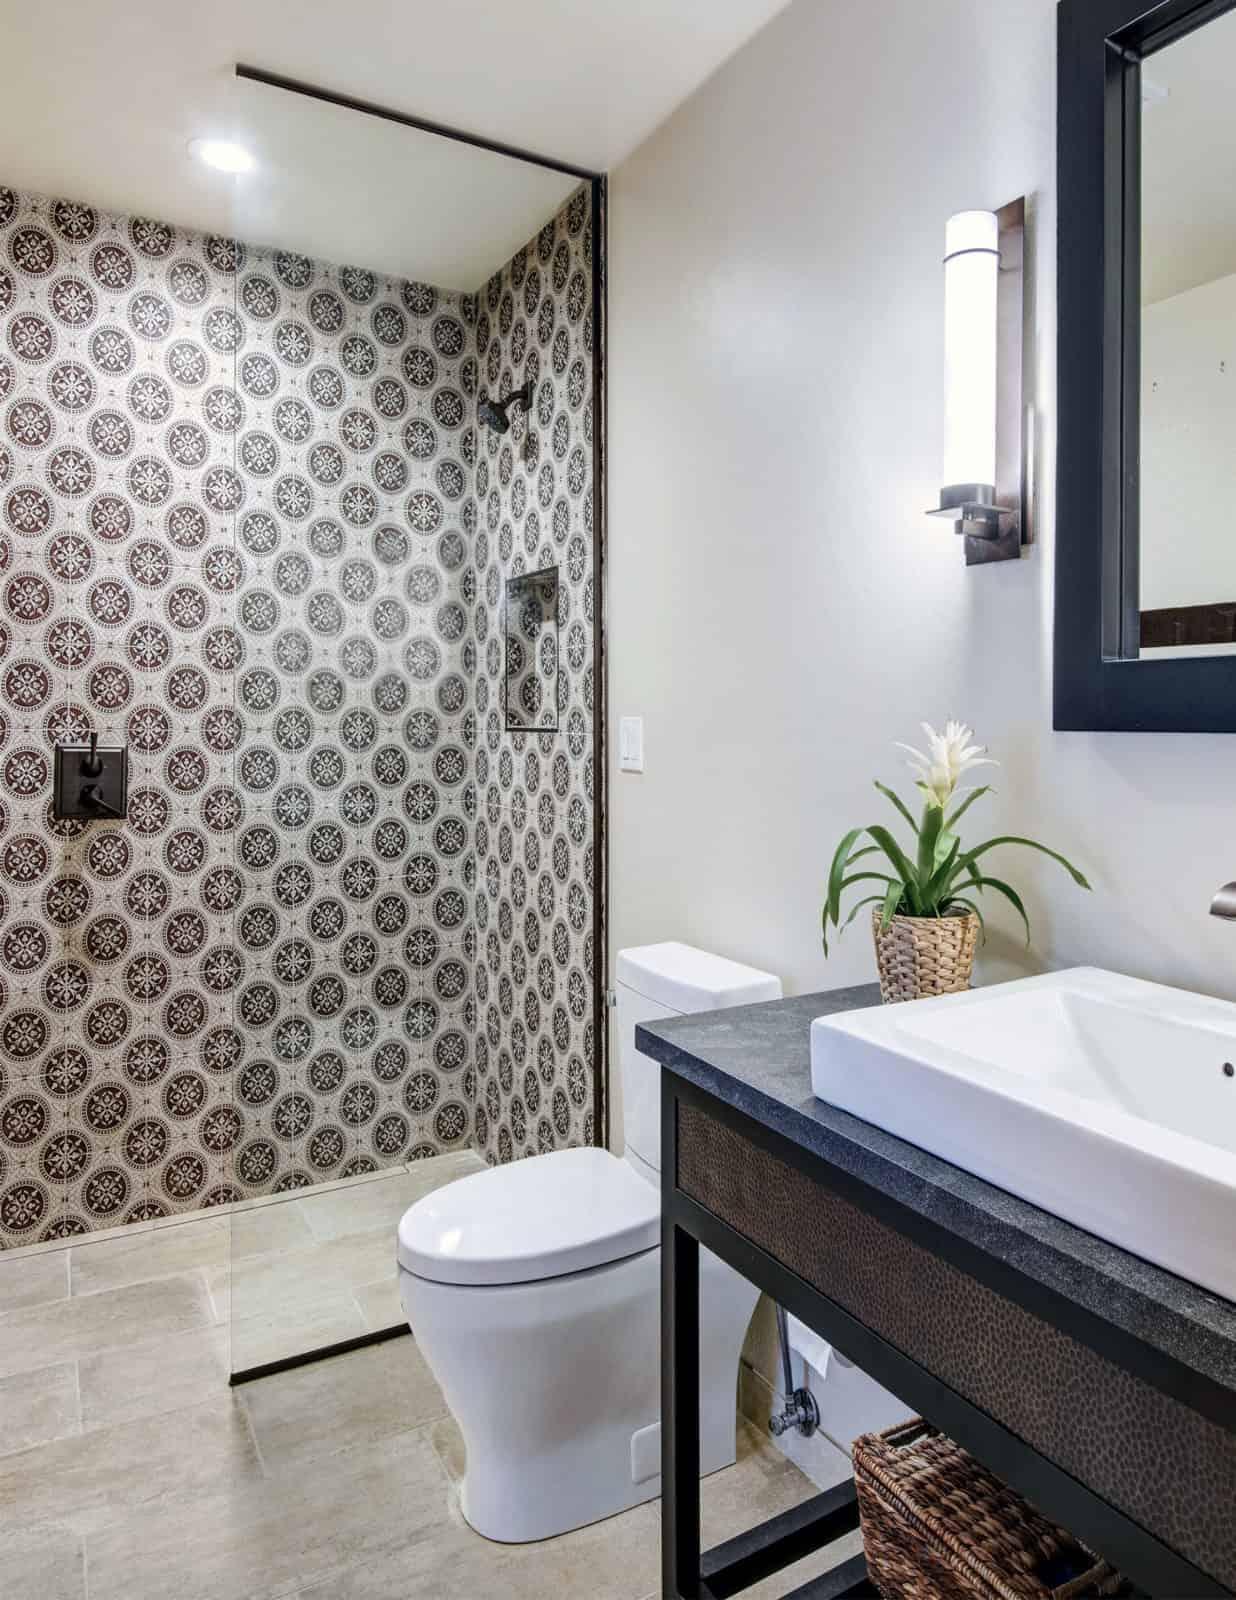 Monarch Coffee Bathroom Install